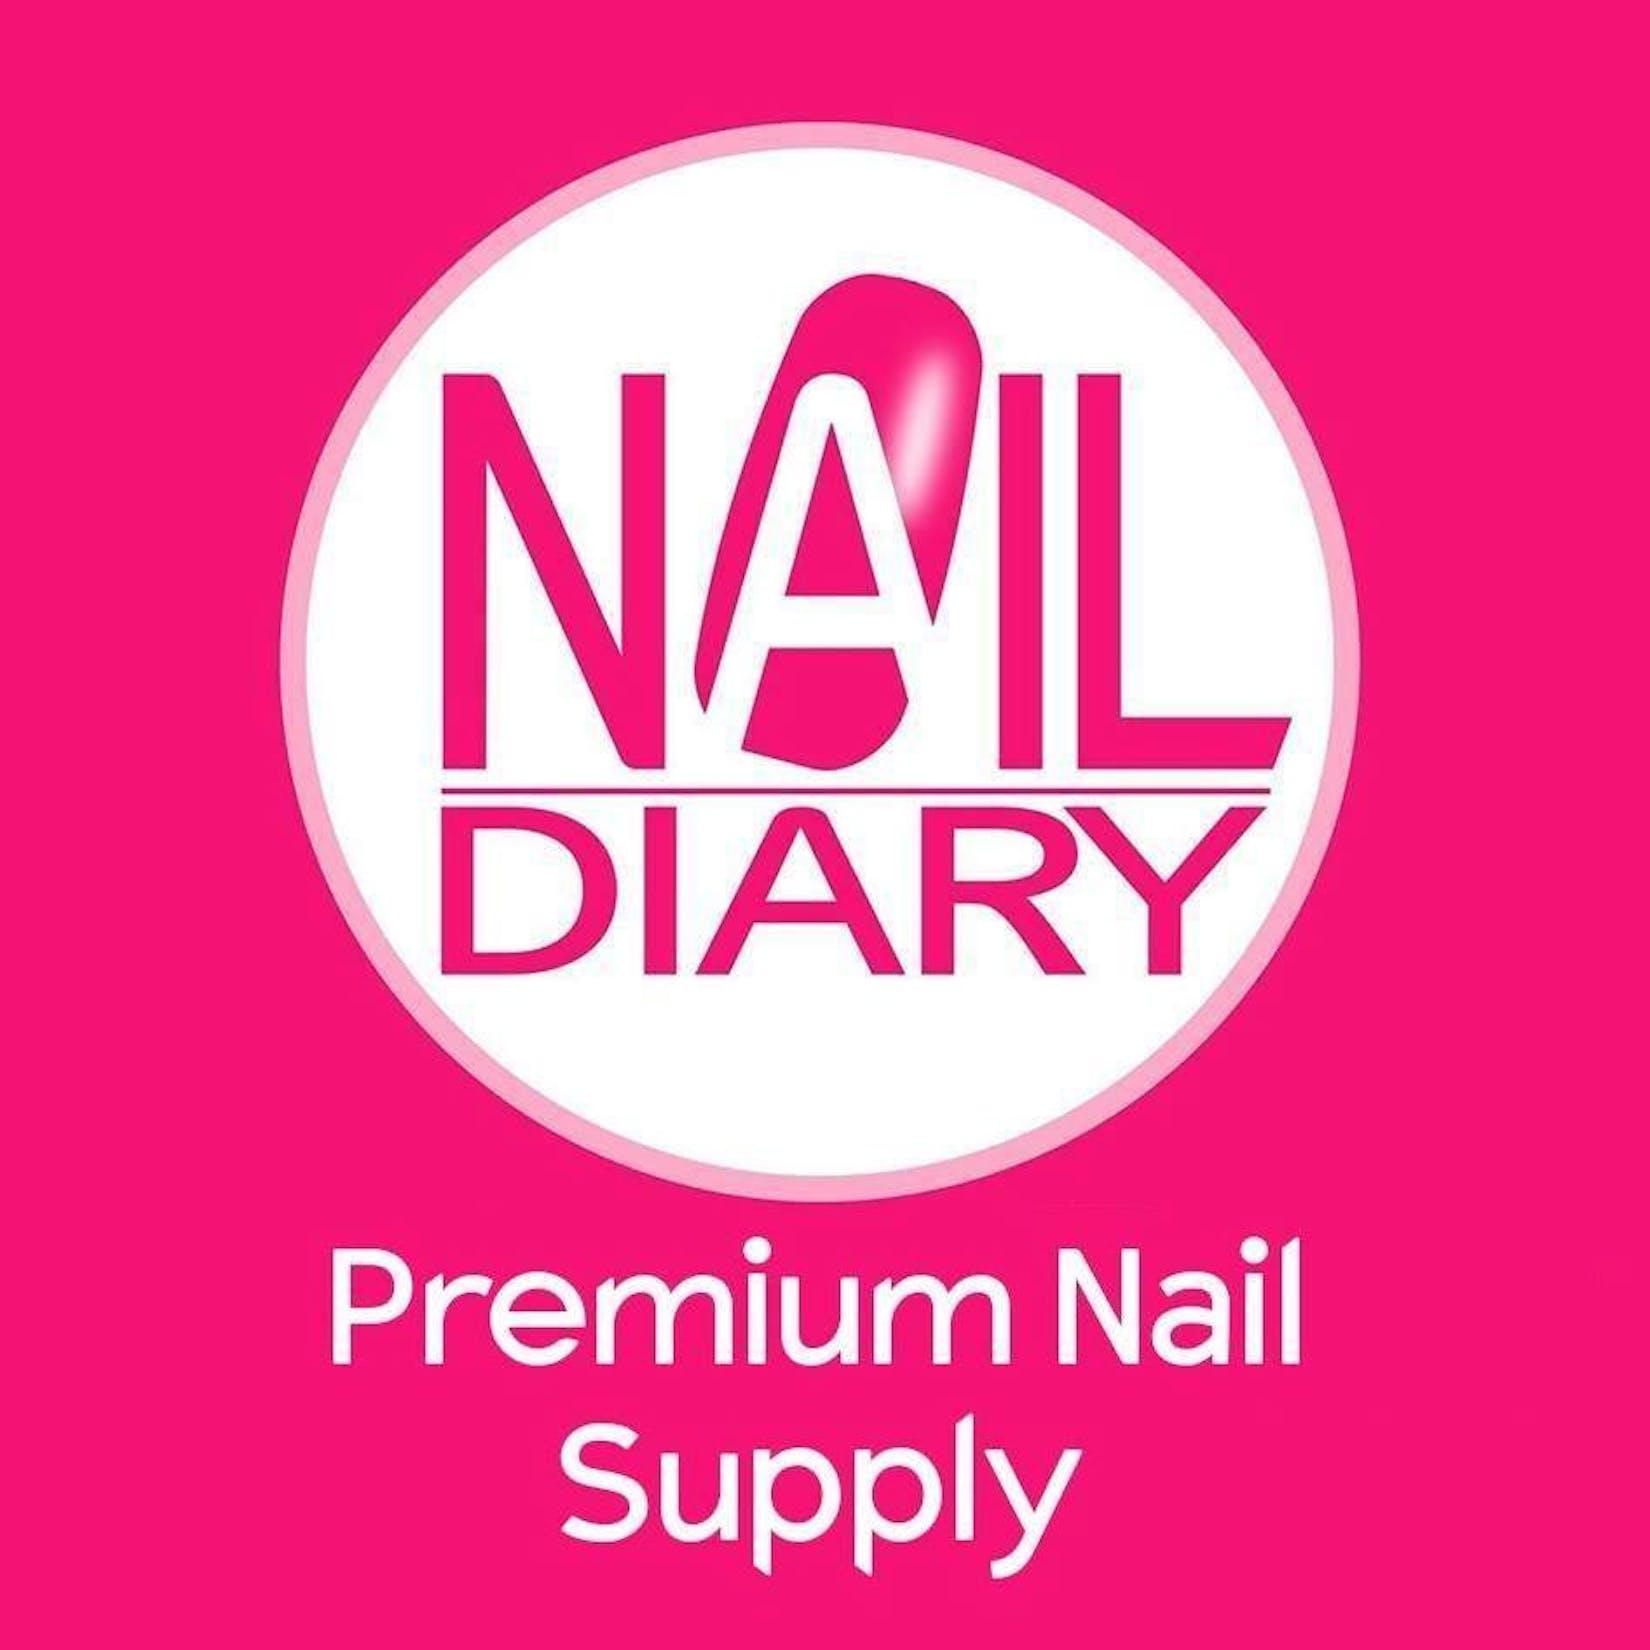 Nail Diary Premium Nail Supply | Beauty